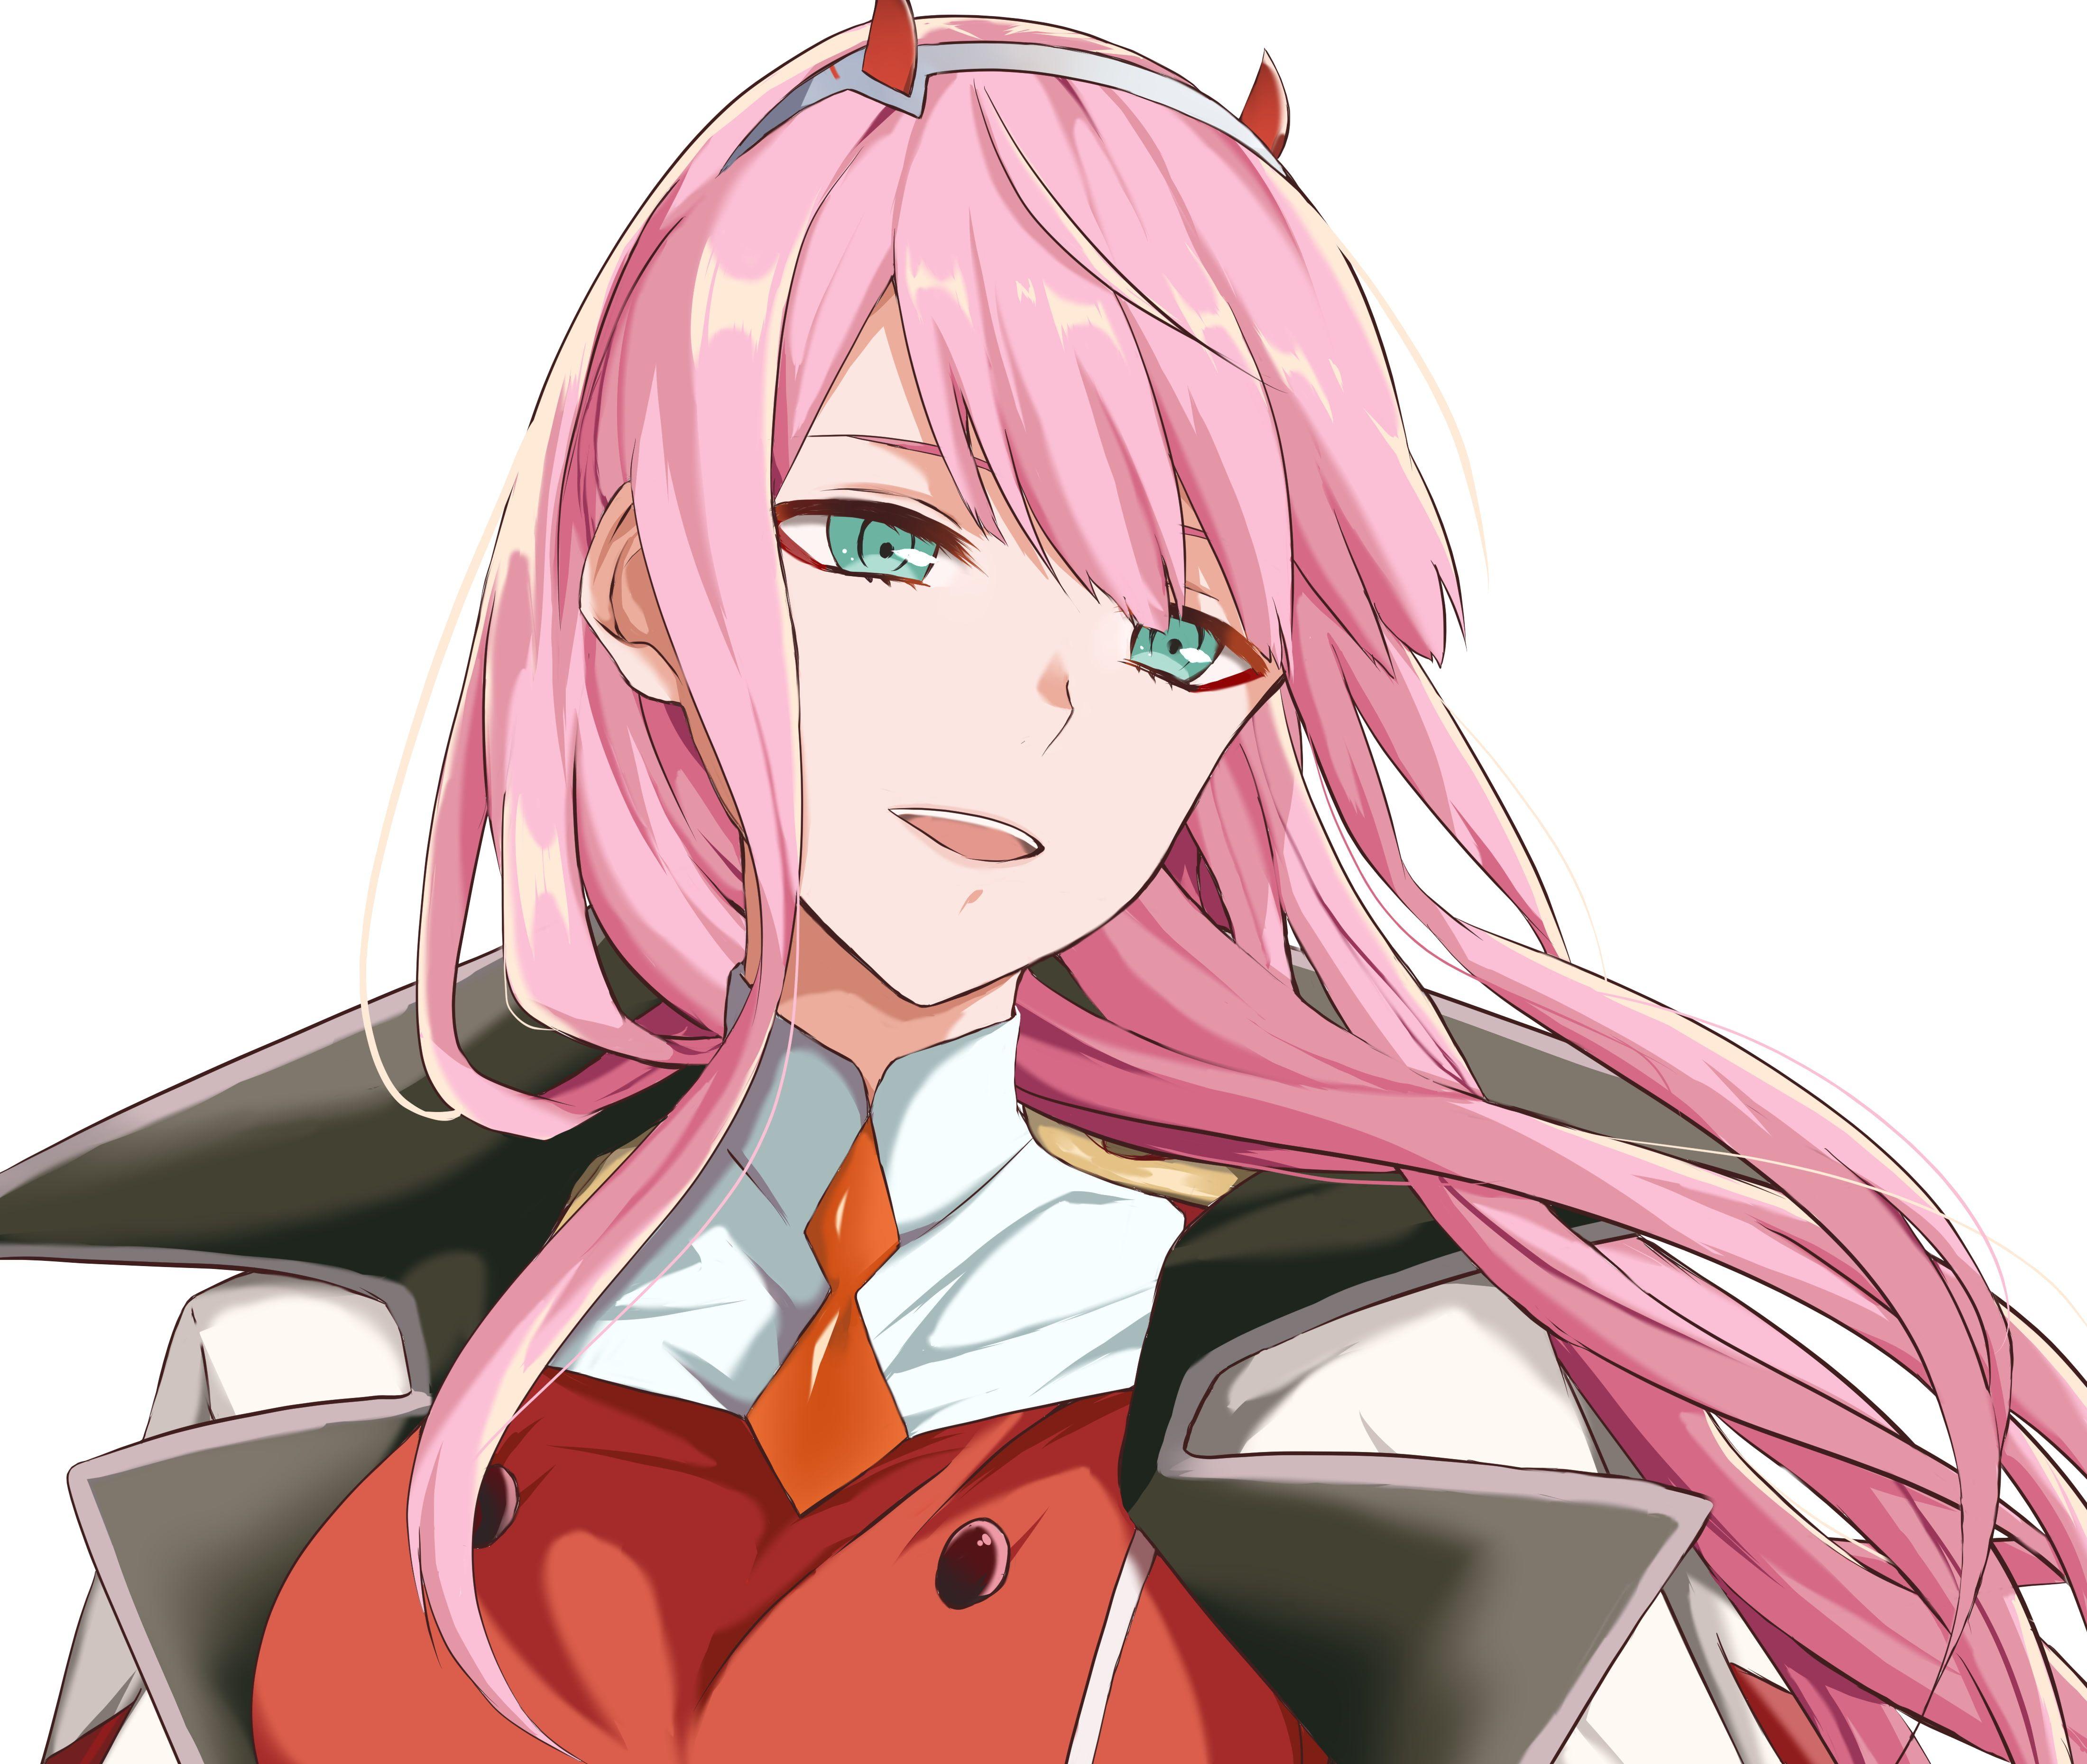 Zero Two Darling In The Franxx Anime 4k Wallpaper Hdwallpaper Desktop Anime Wallpaper Iphone Darling In The Franxx Anime